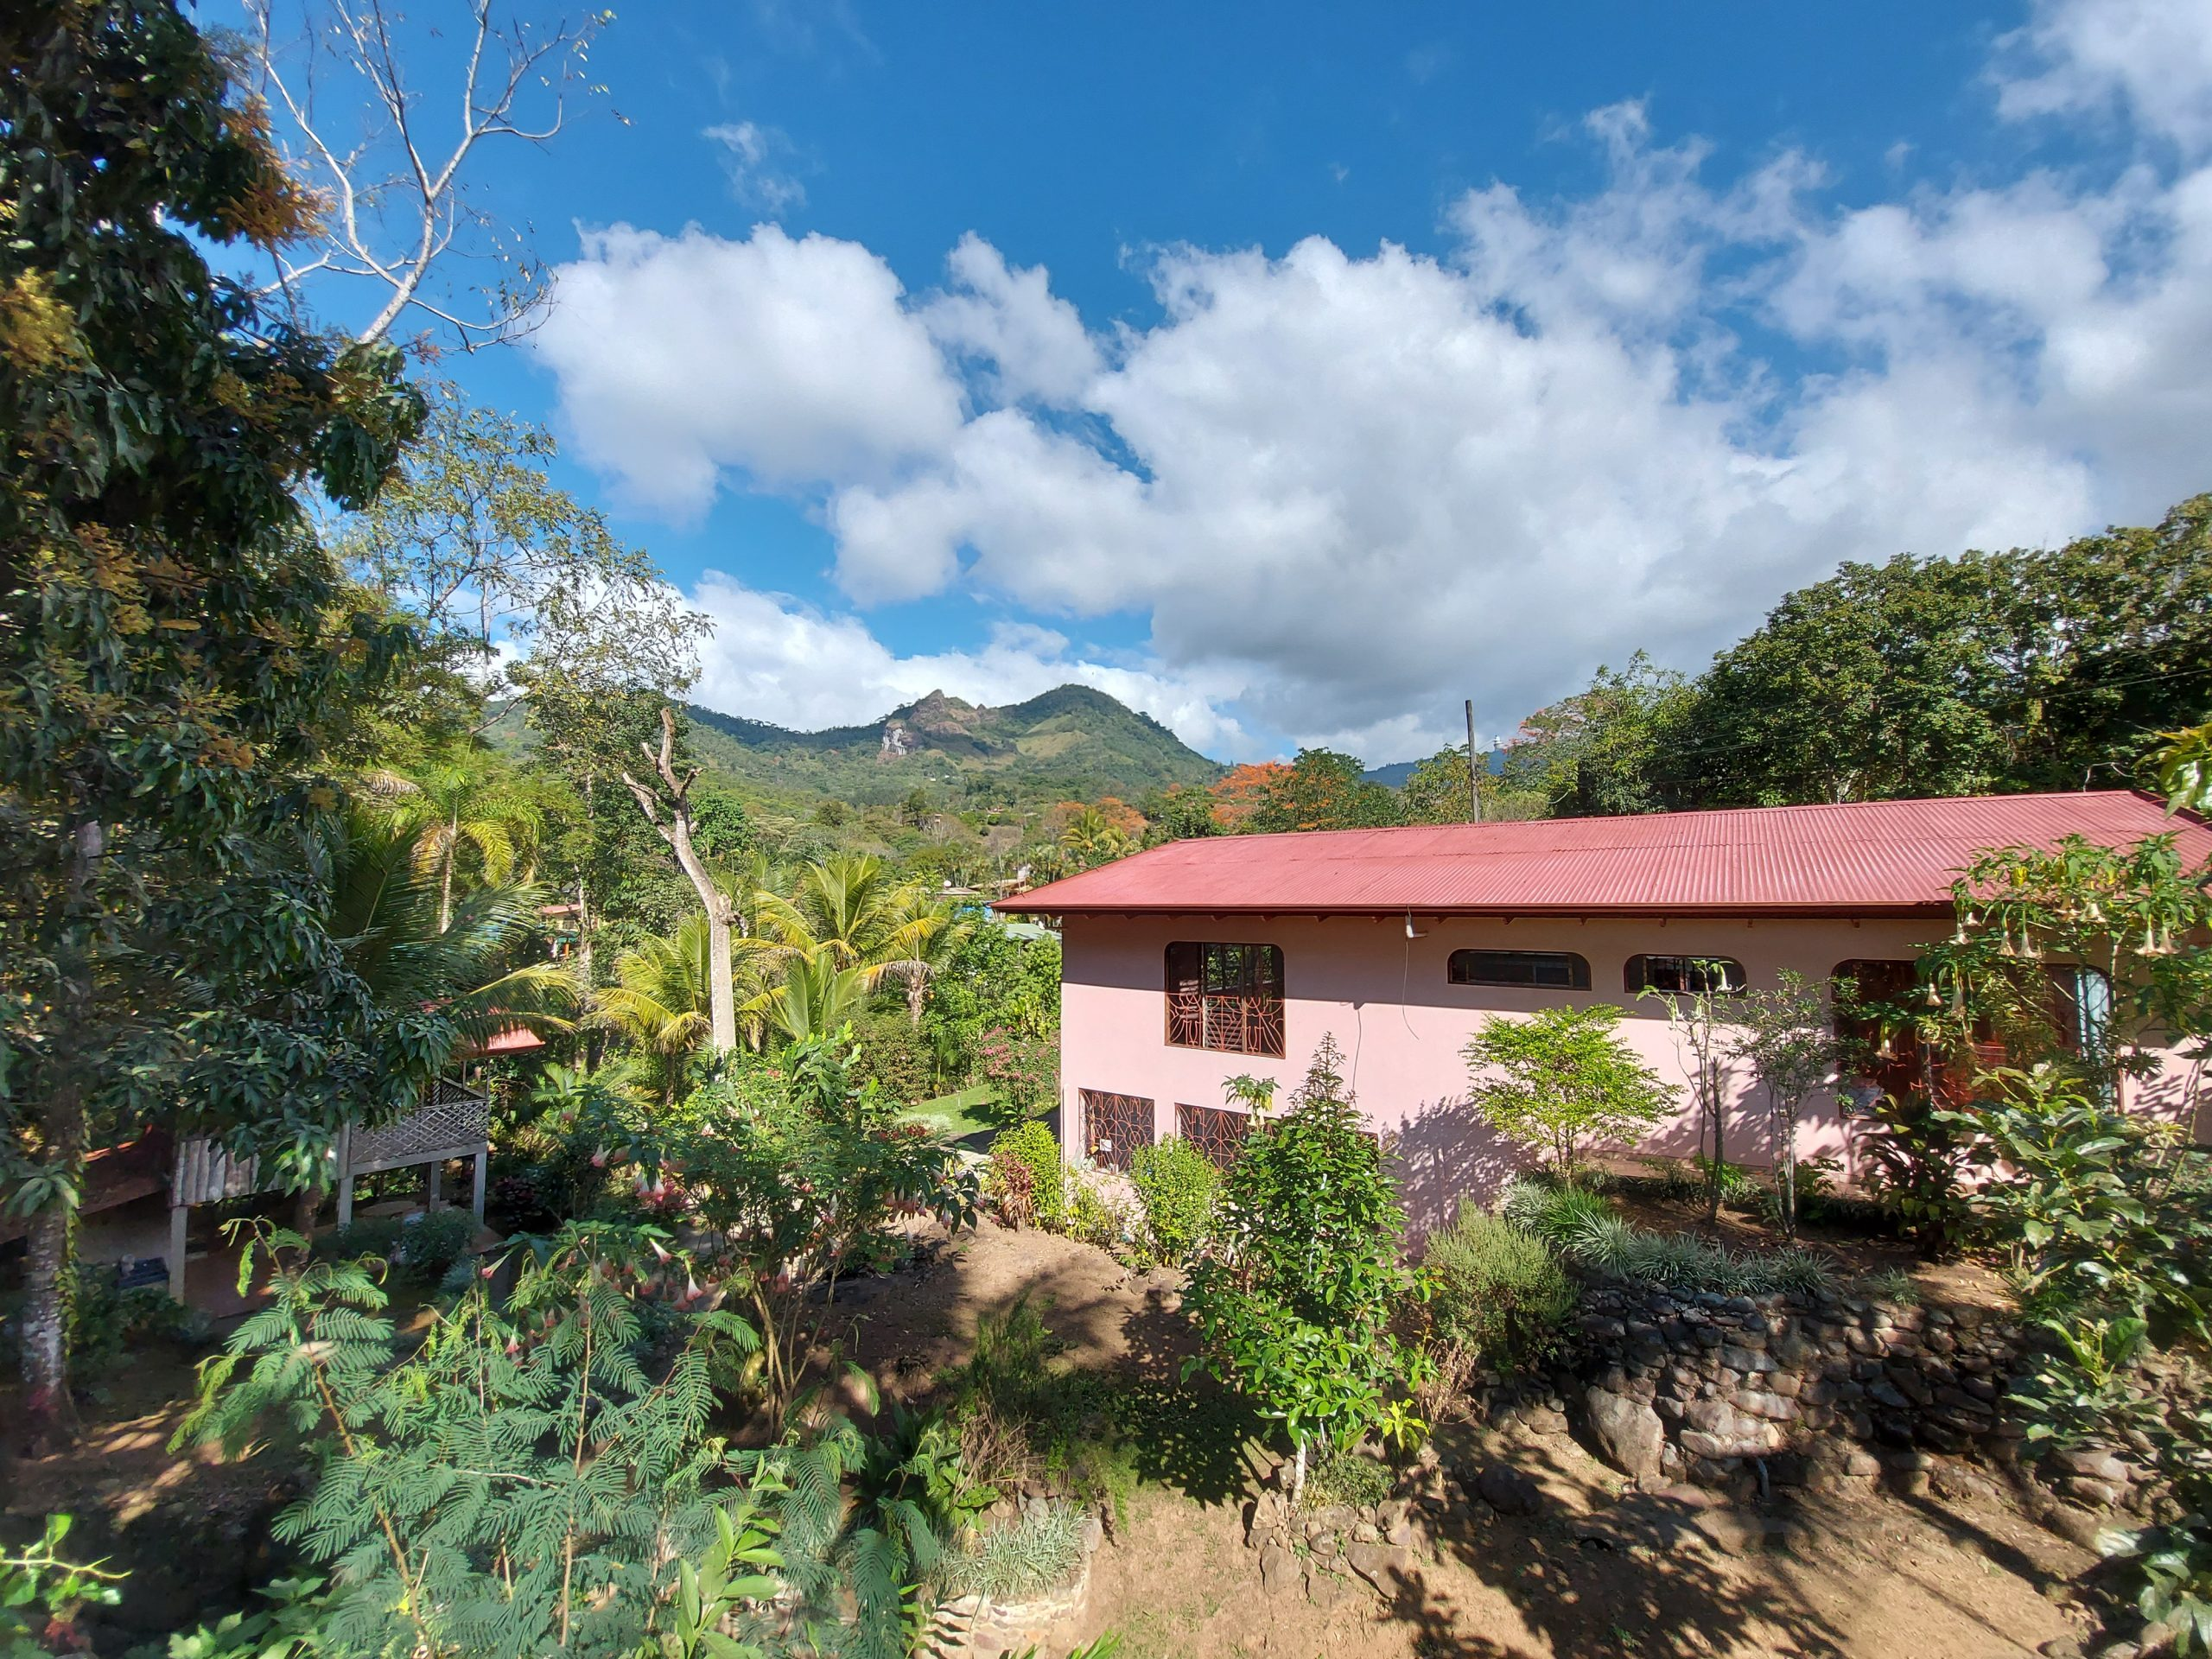 Spacious house with beautiful gardens and mountain views in Quebradas, Perez Zeledon